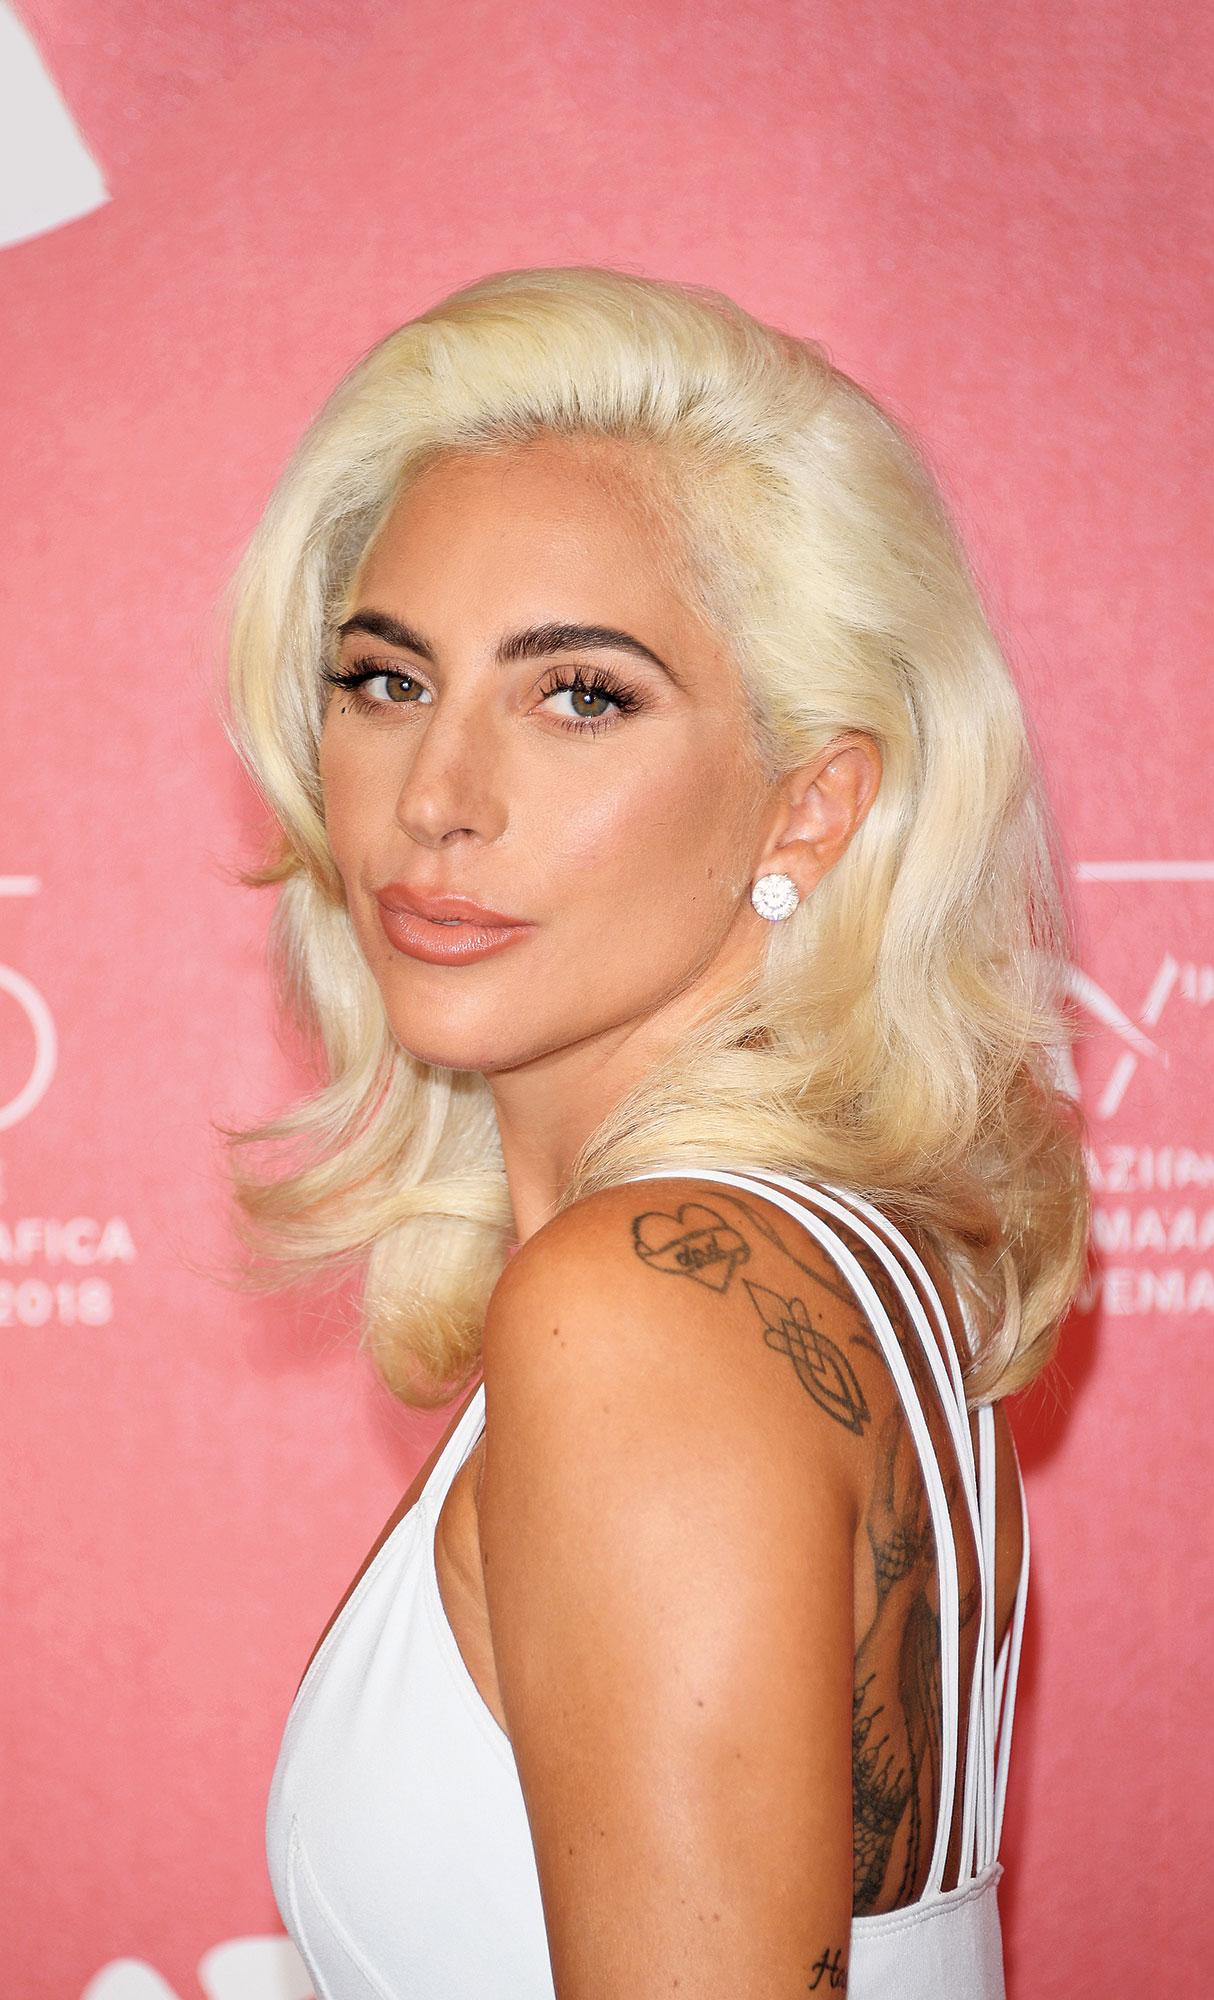 640_Lady_Gaga_2018_08_31_23_51_00.JPG